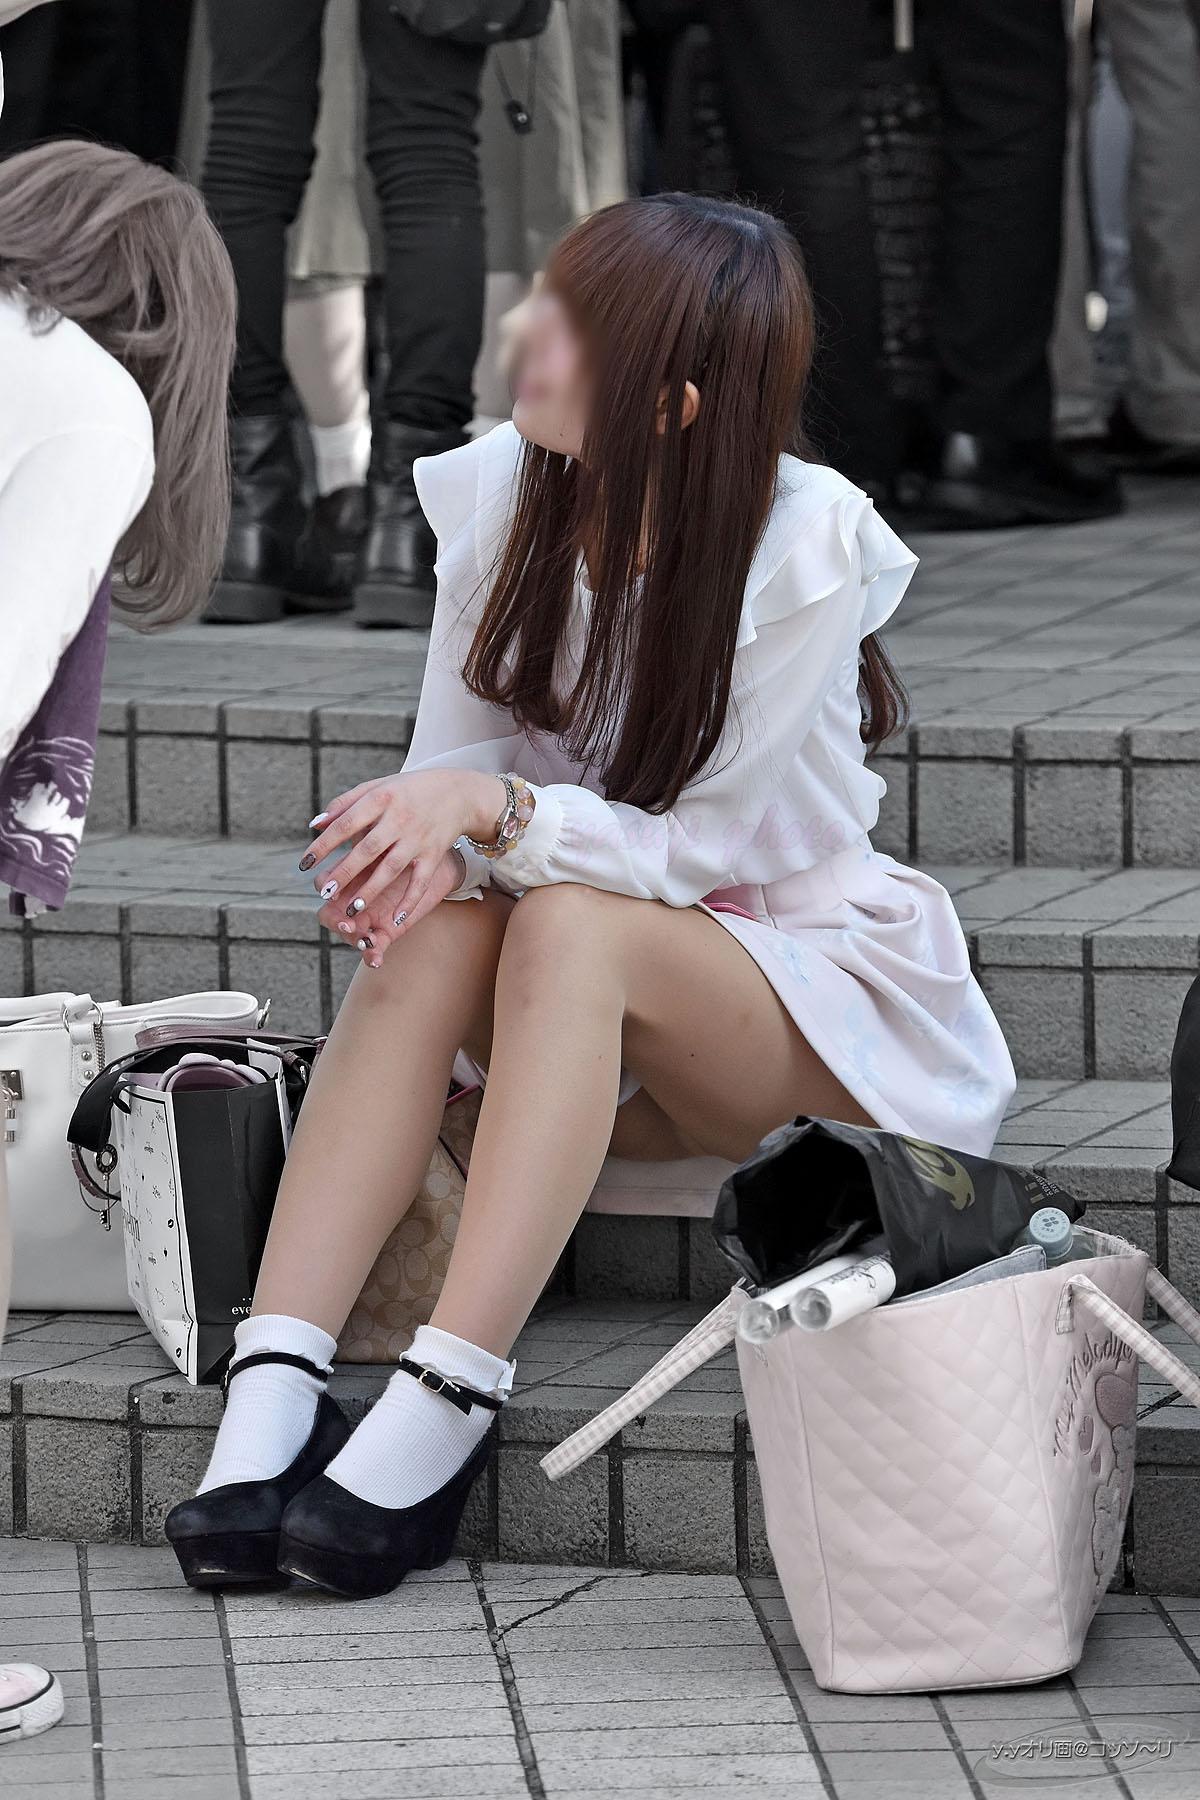 どこにでもスカートで座っちゃう無防備な素人さん達~パンチラ見えてますよ